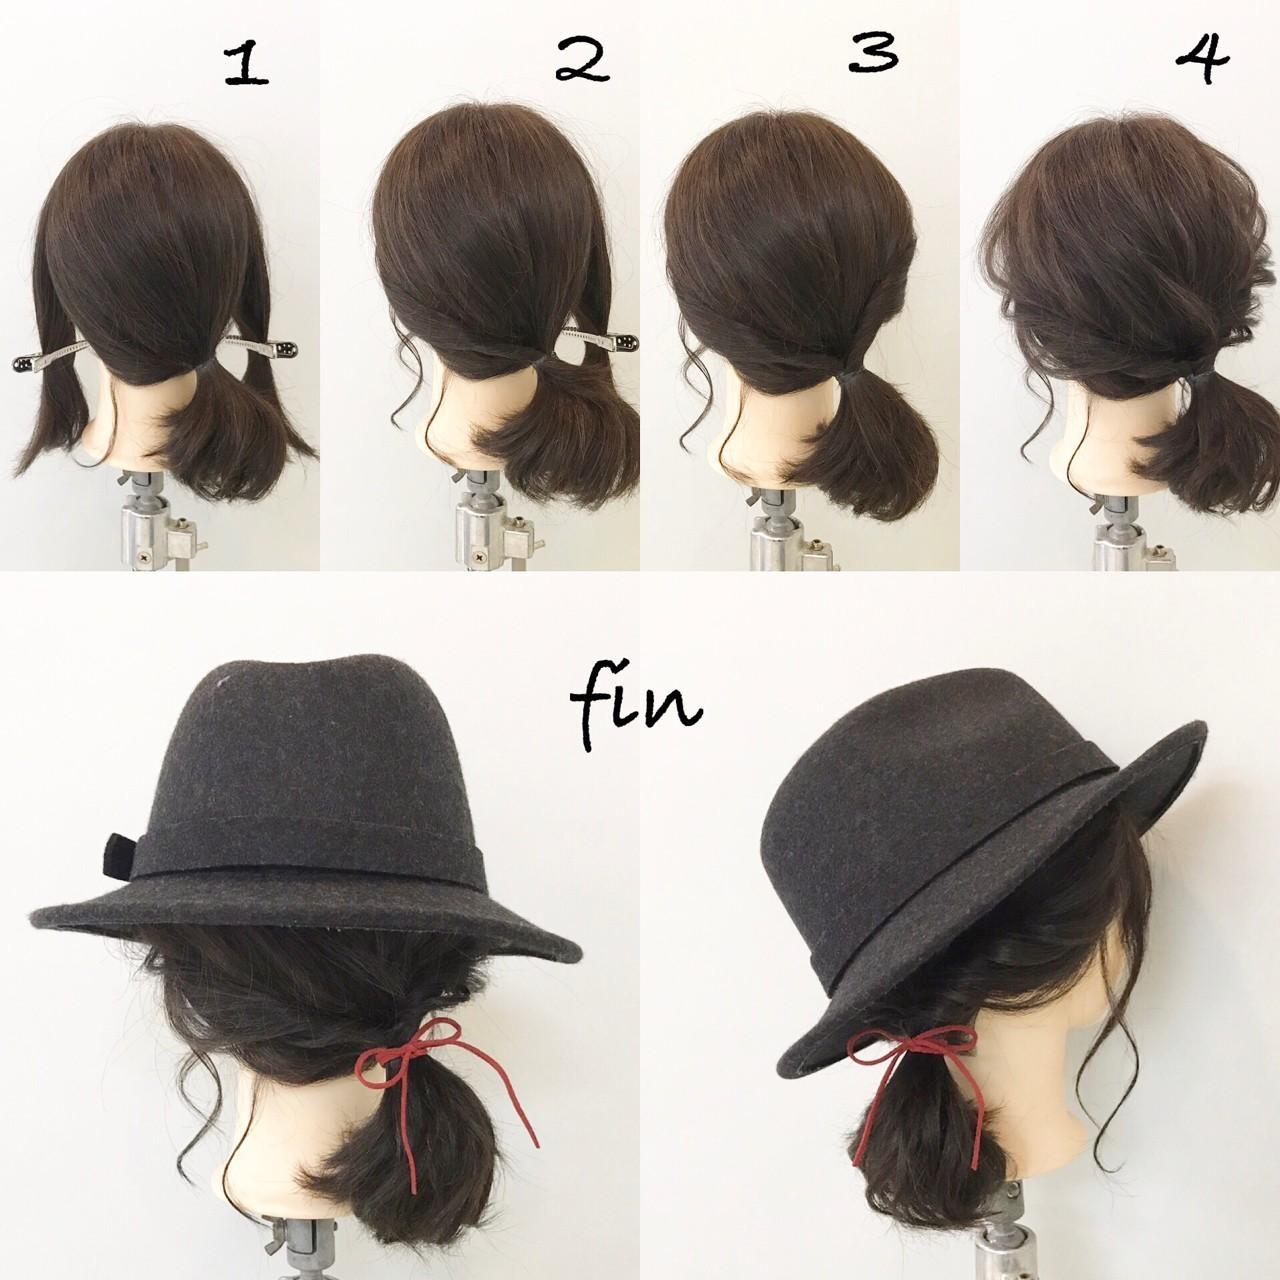 短发女生照样可以做百变编发!教程在这儿